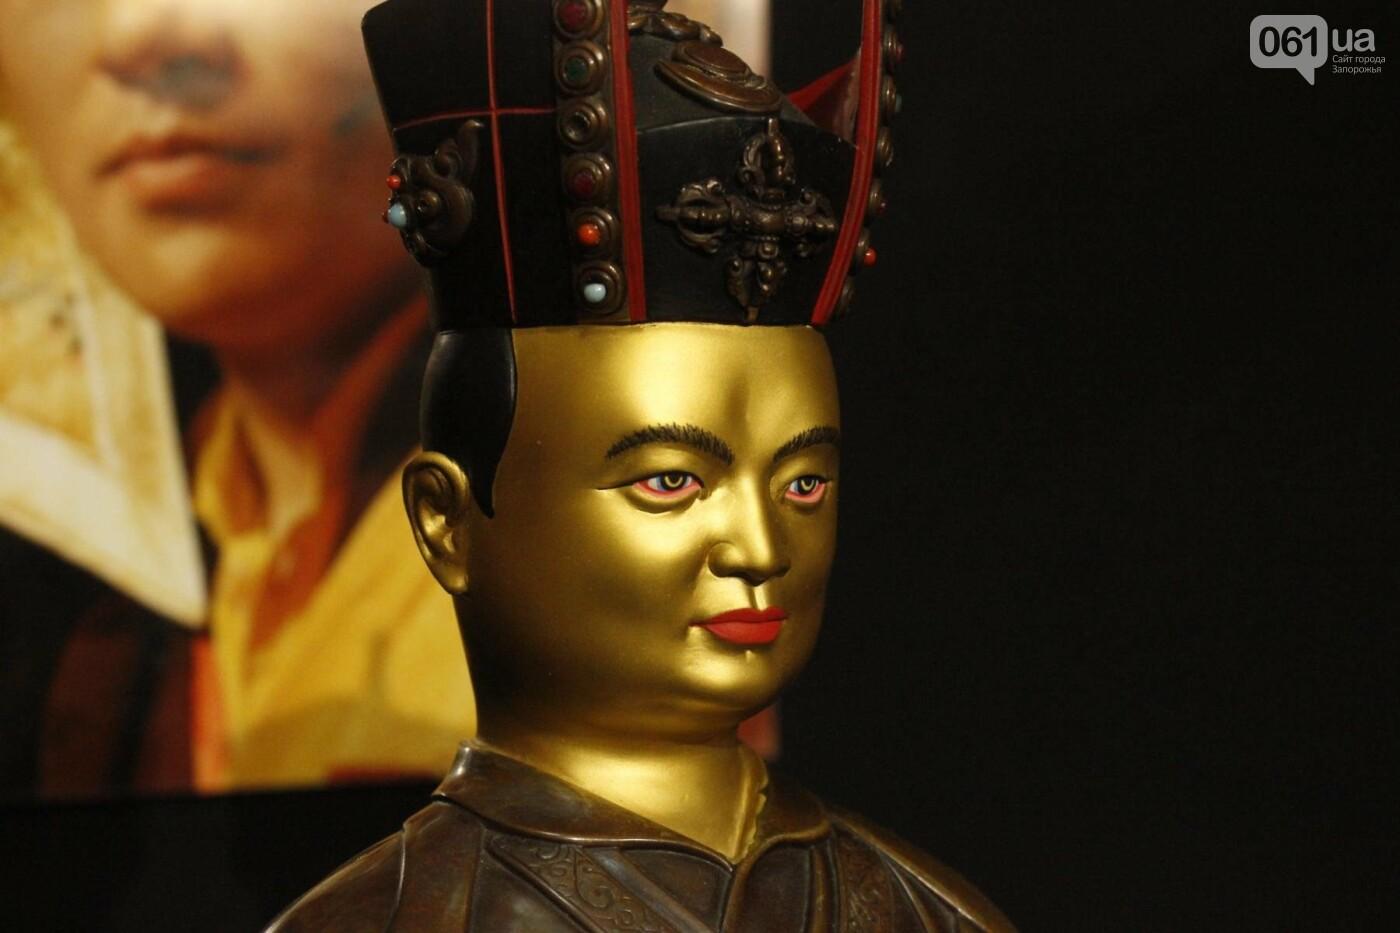 """В Запорожье выставка """"Сокровища Тибета"""" открыла Дни буддийской культуры, - ФОТОРЕПОРТАЖ, фото-27"""